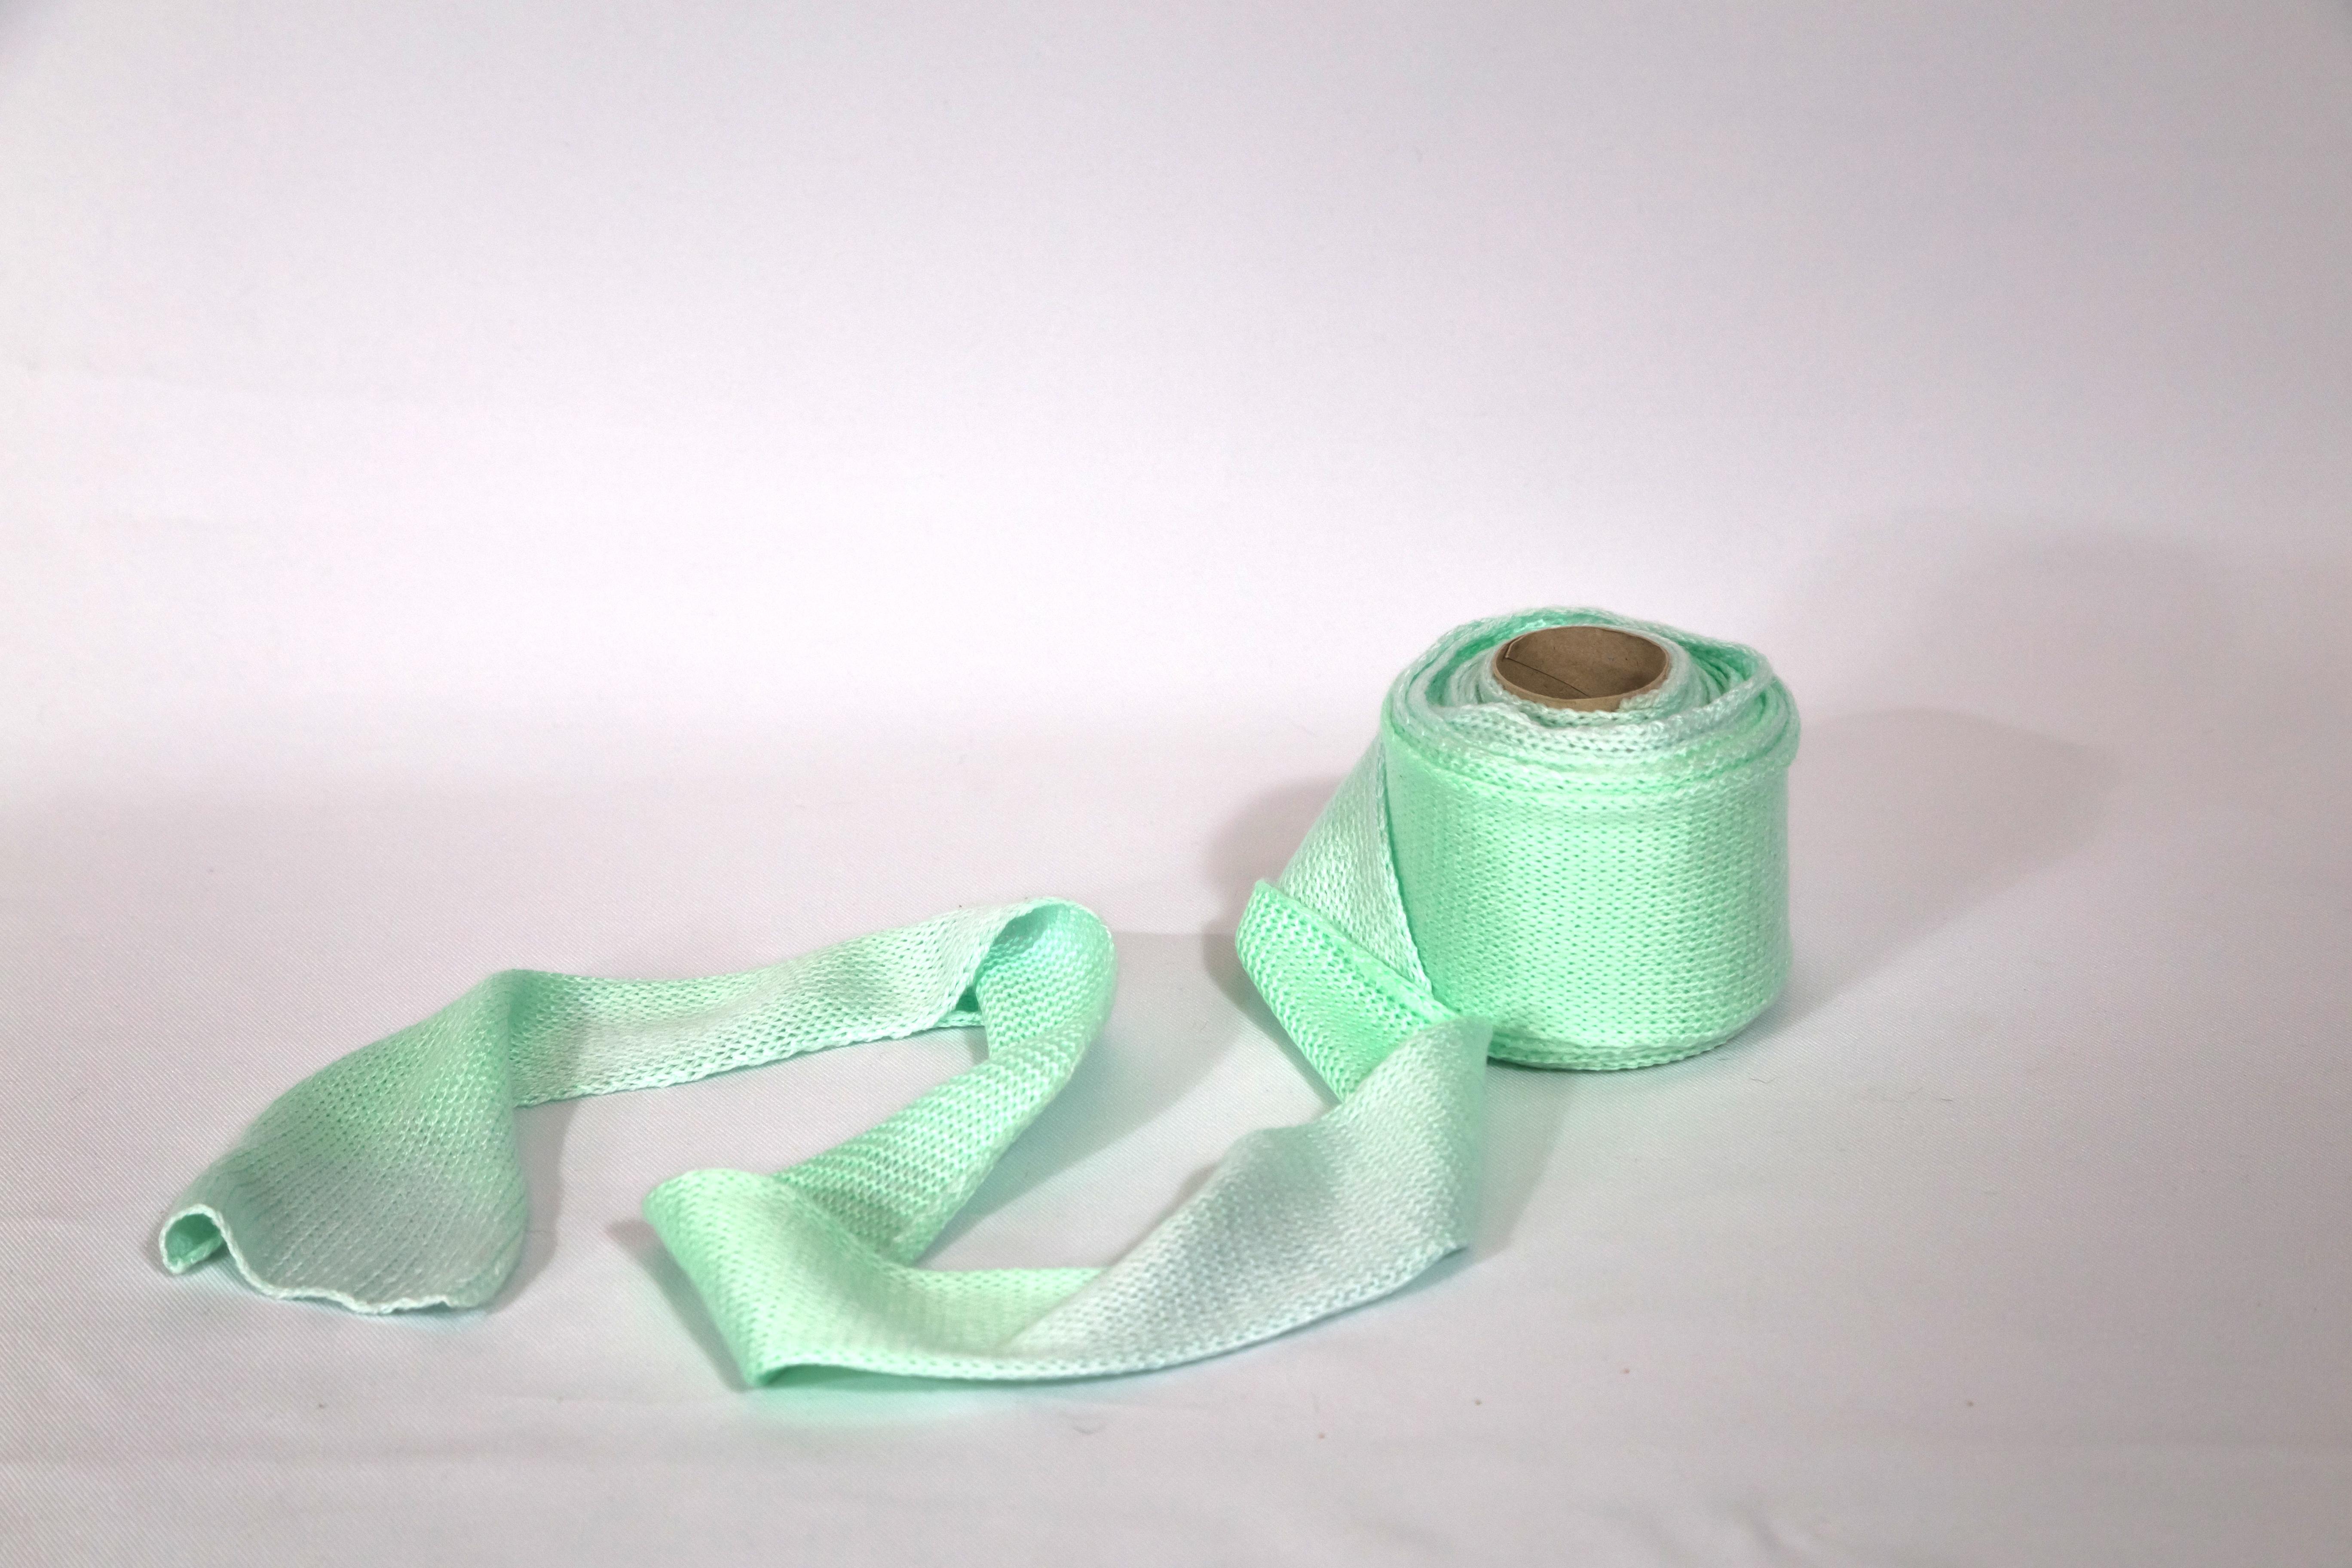 Emmanuelle Jenny - Rouleau Tricoté - design textile - détournement d'objet du quotidien - banal - matière souple